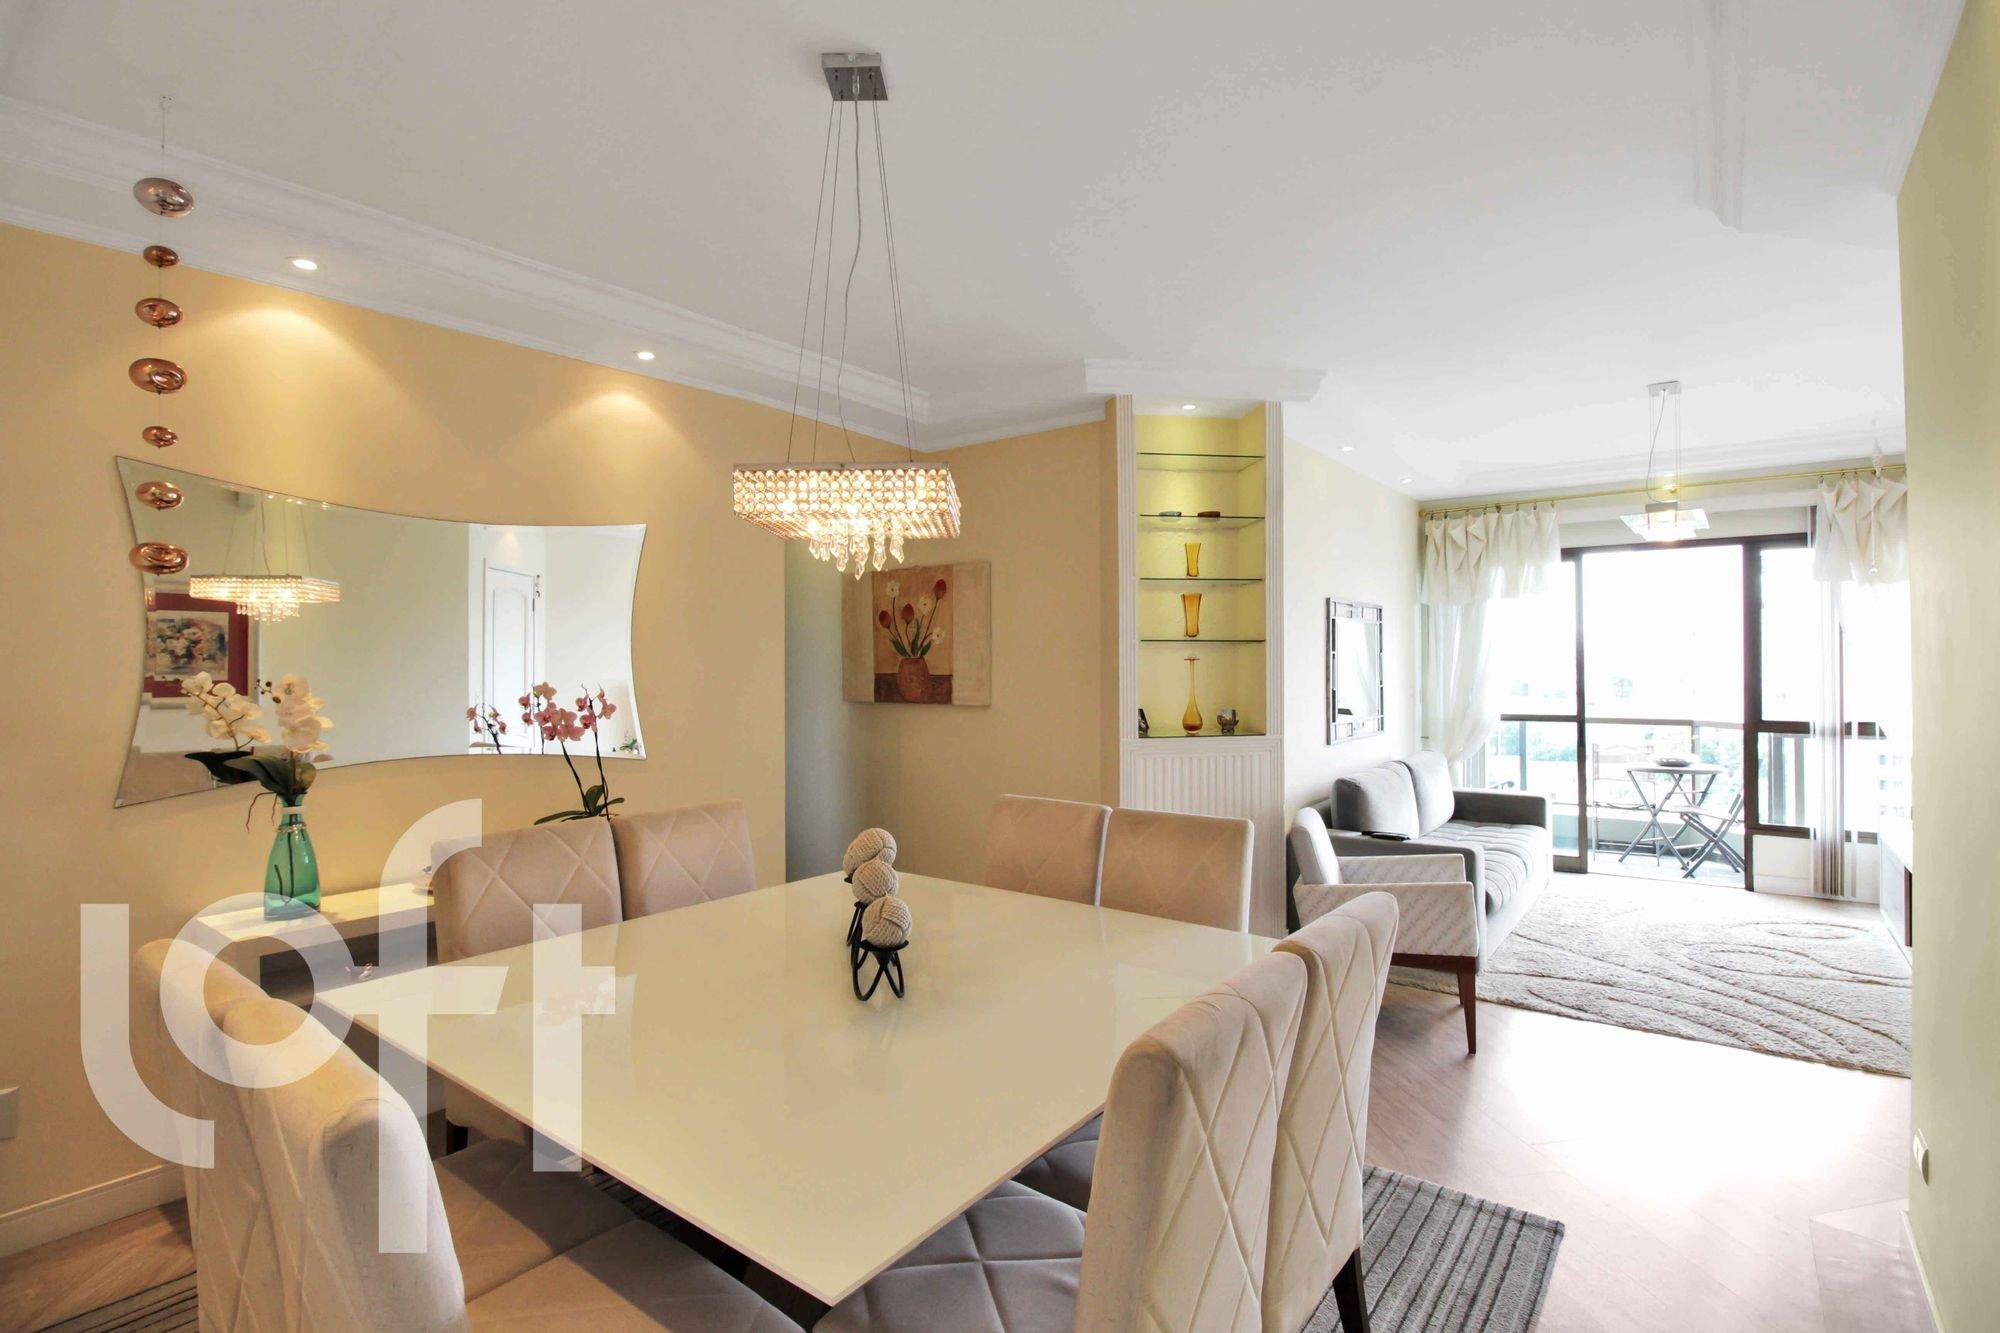 Foto de Sala com sofá, vaso, cadeira, mesa de jantar